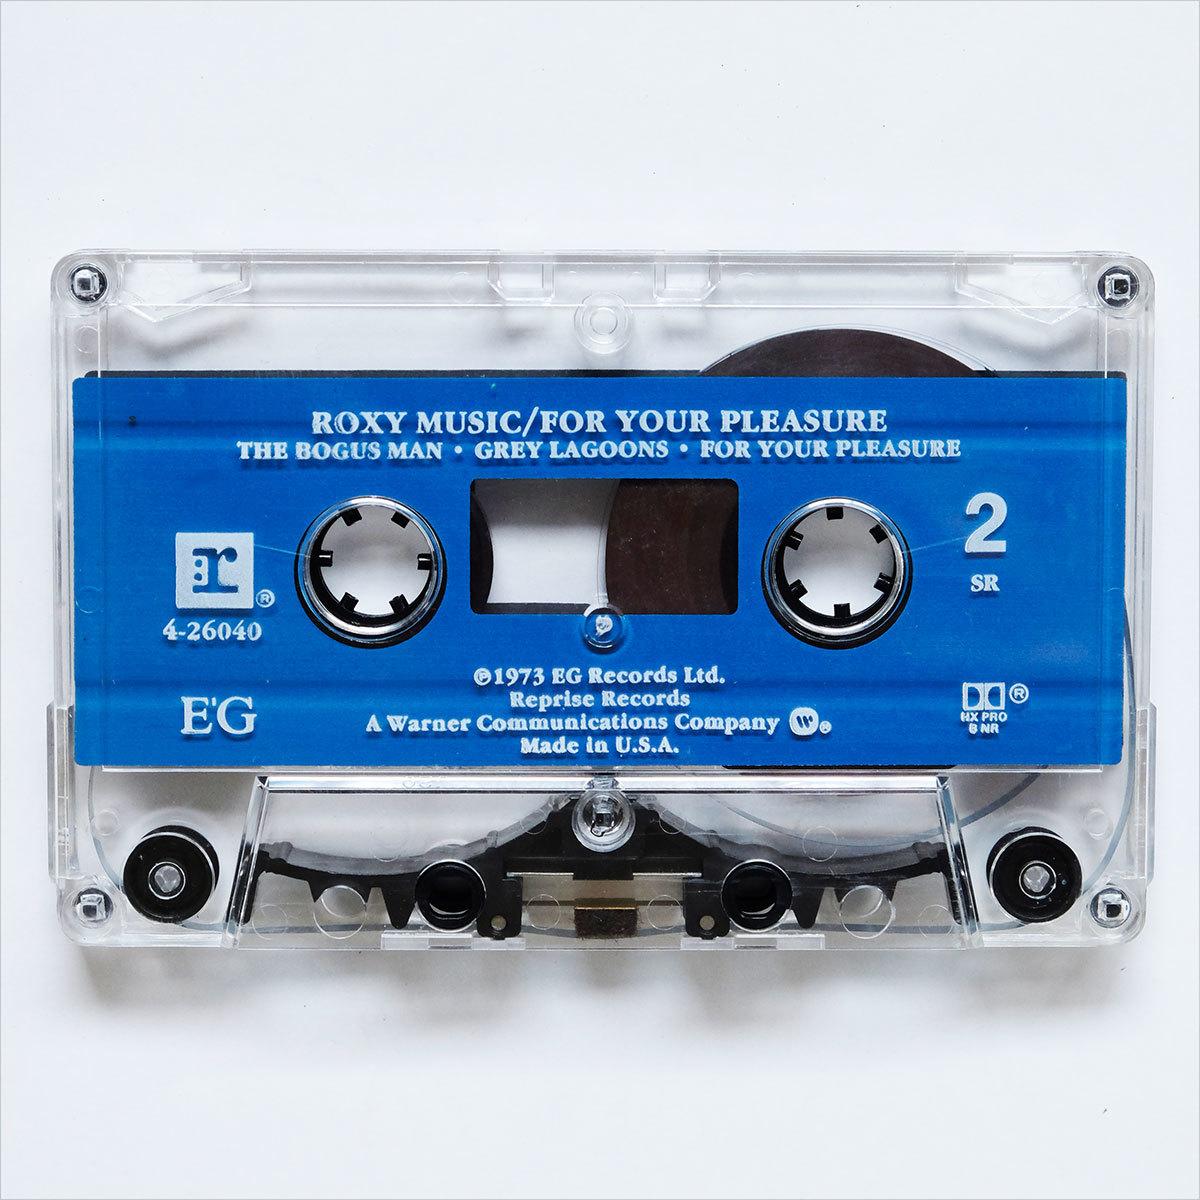 《US版カセットテープ》Roxy Music●For Your Pleasure●ロキシー ミュージック●フォー ユア プレジャー_画像6